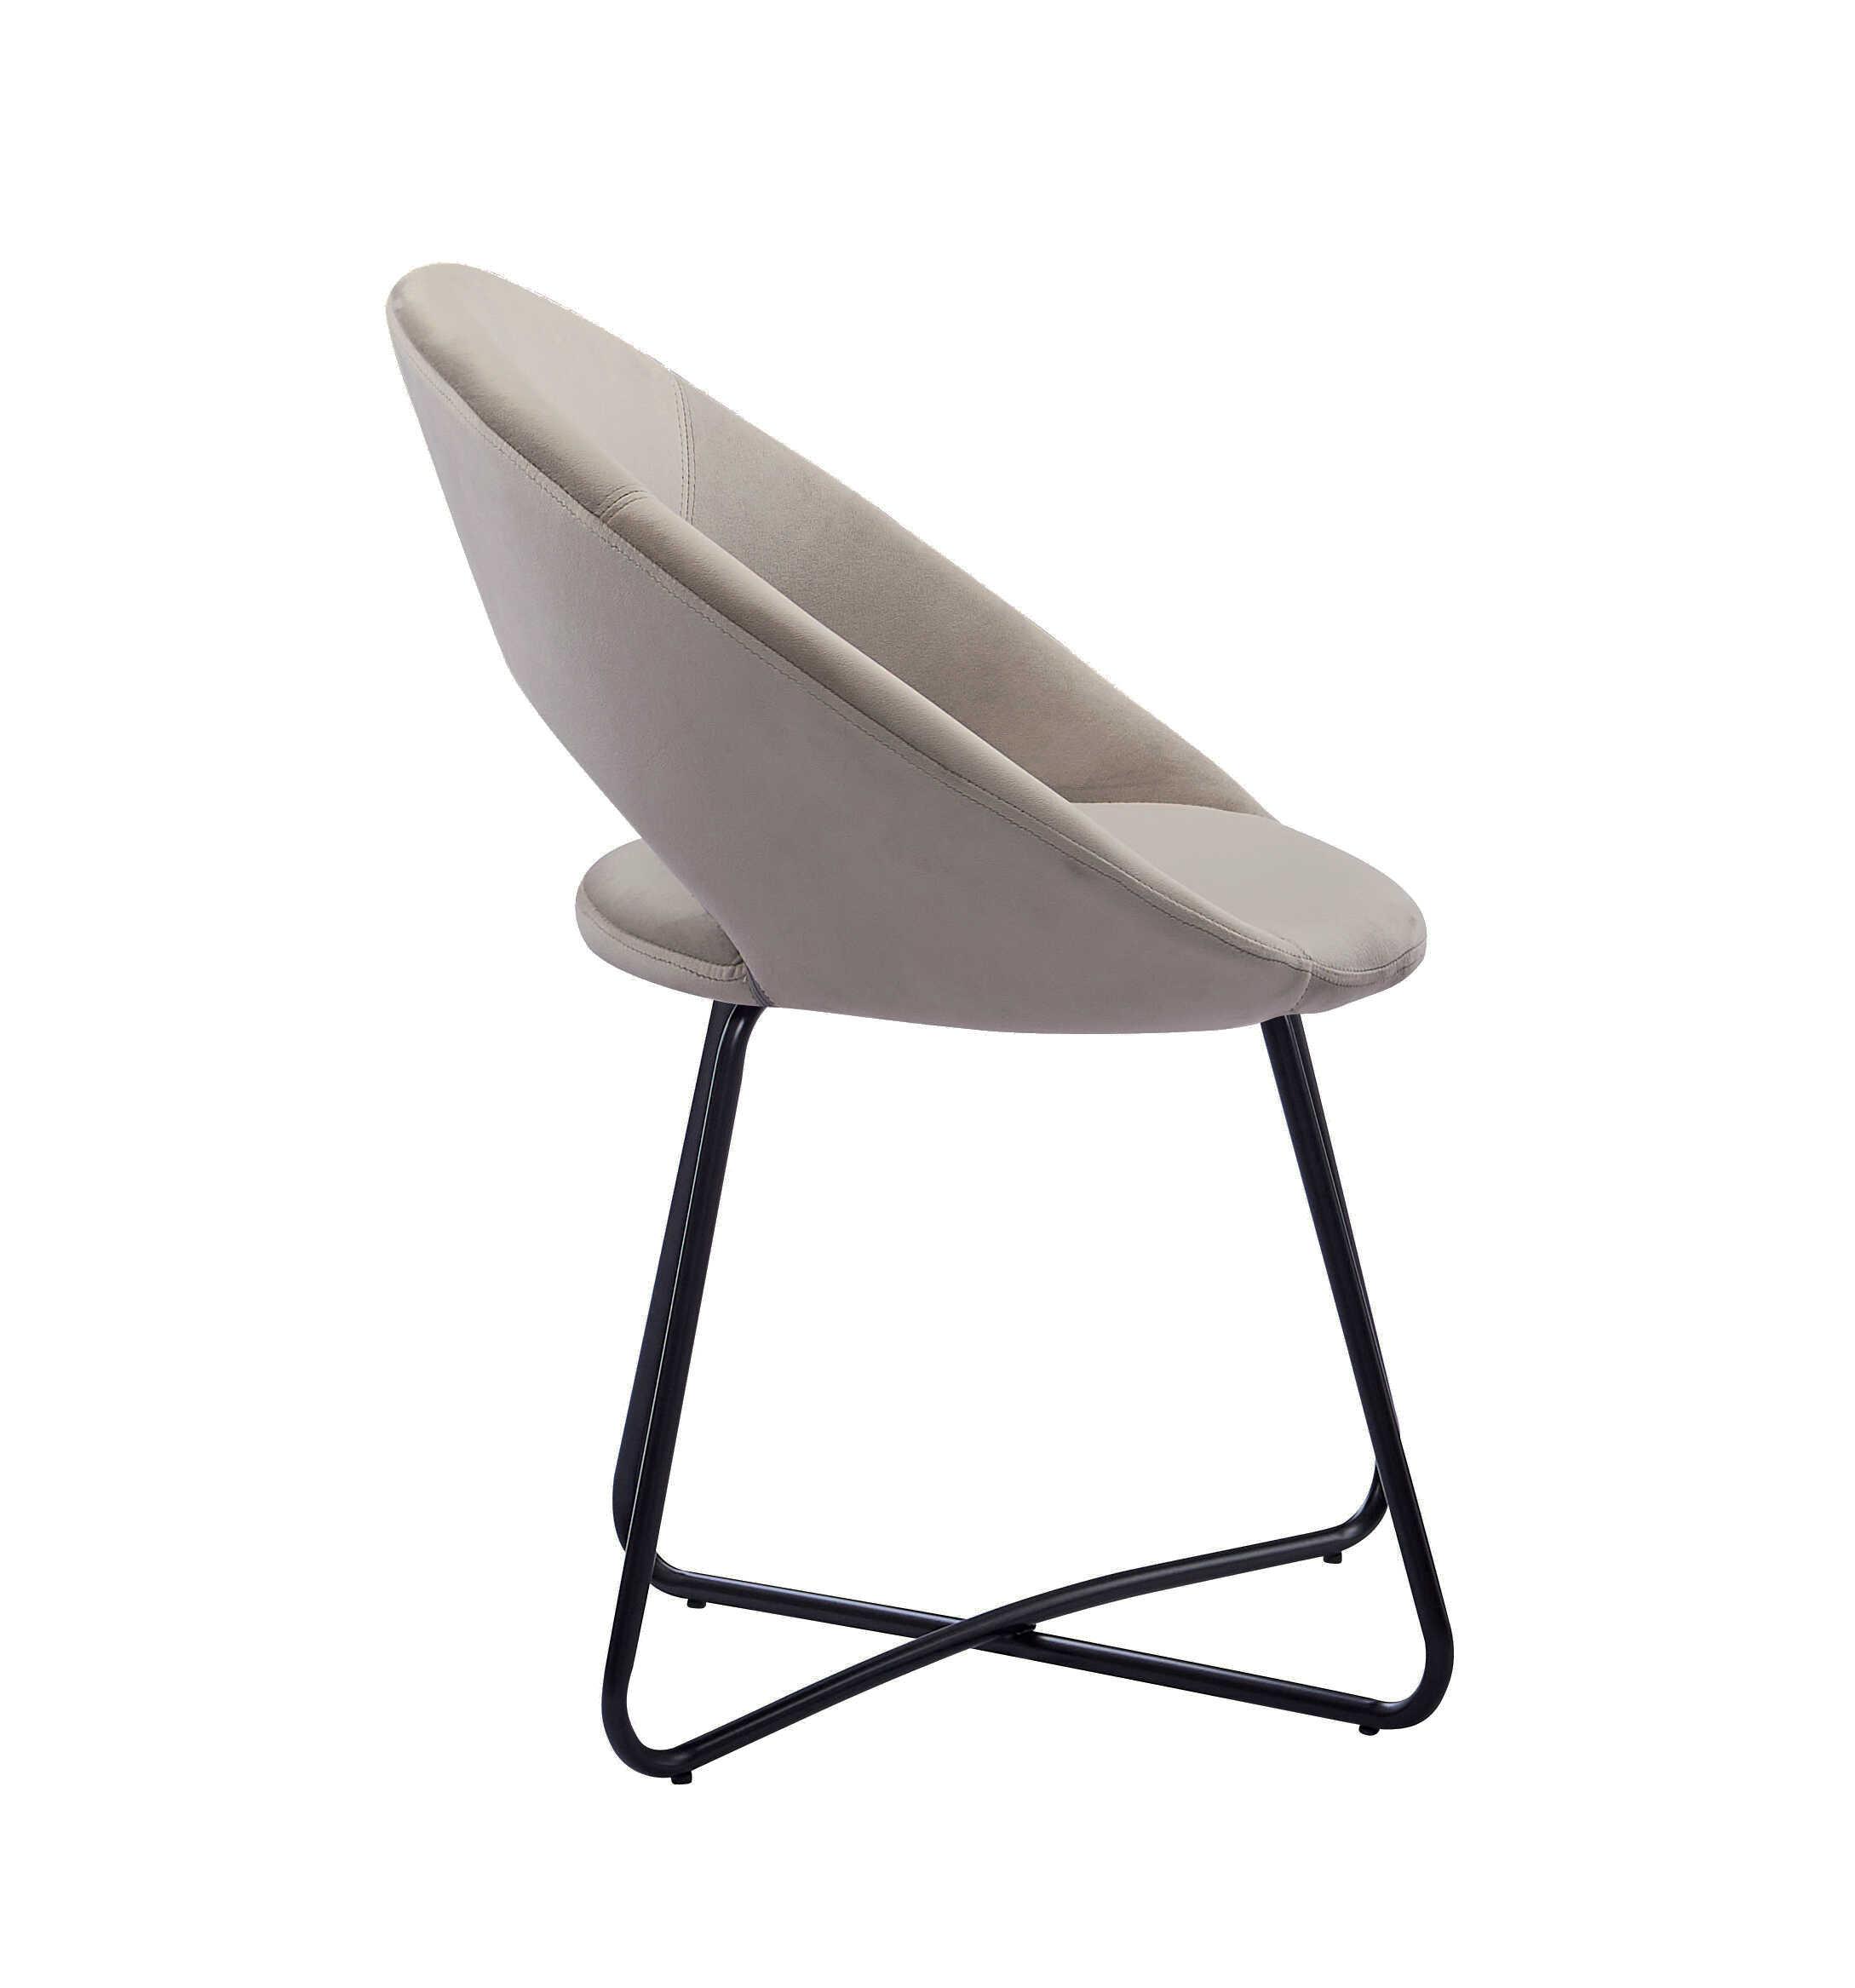 Esszimmerstuhl Design Sessel Samt taupe Metallbeine schwarz LENNY – baumkantentische – Esstische ...